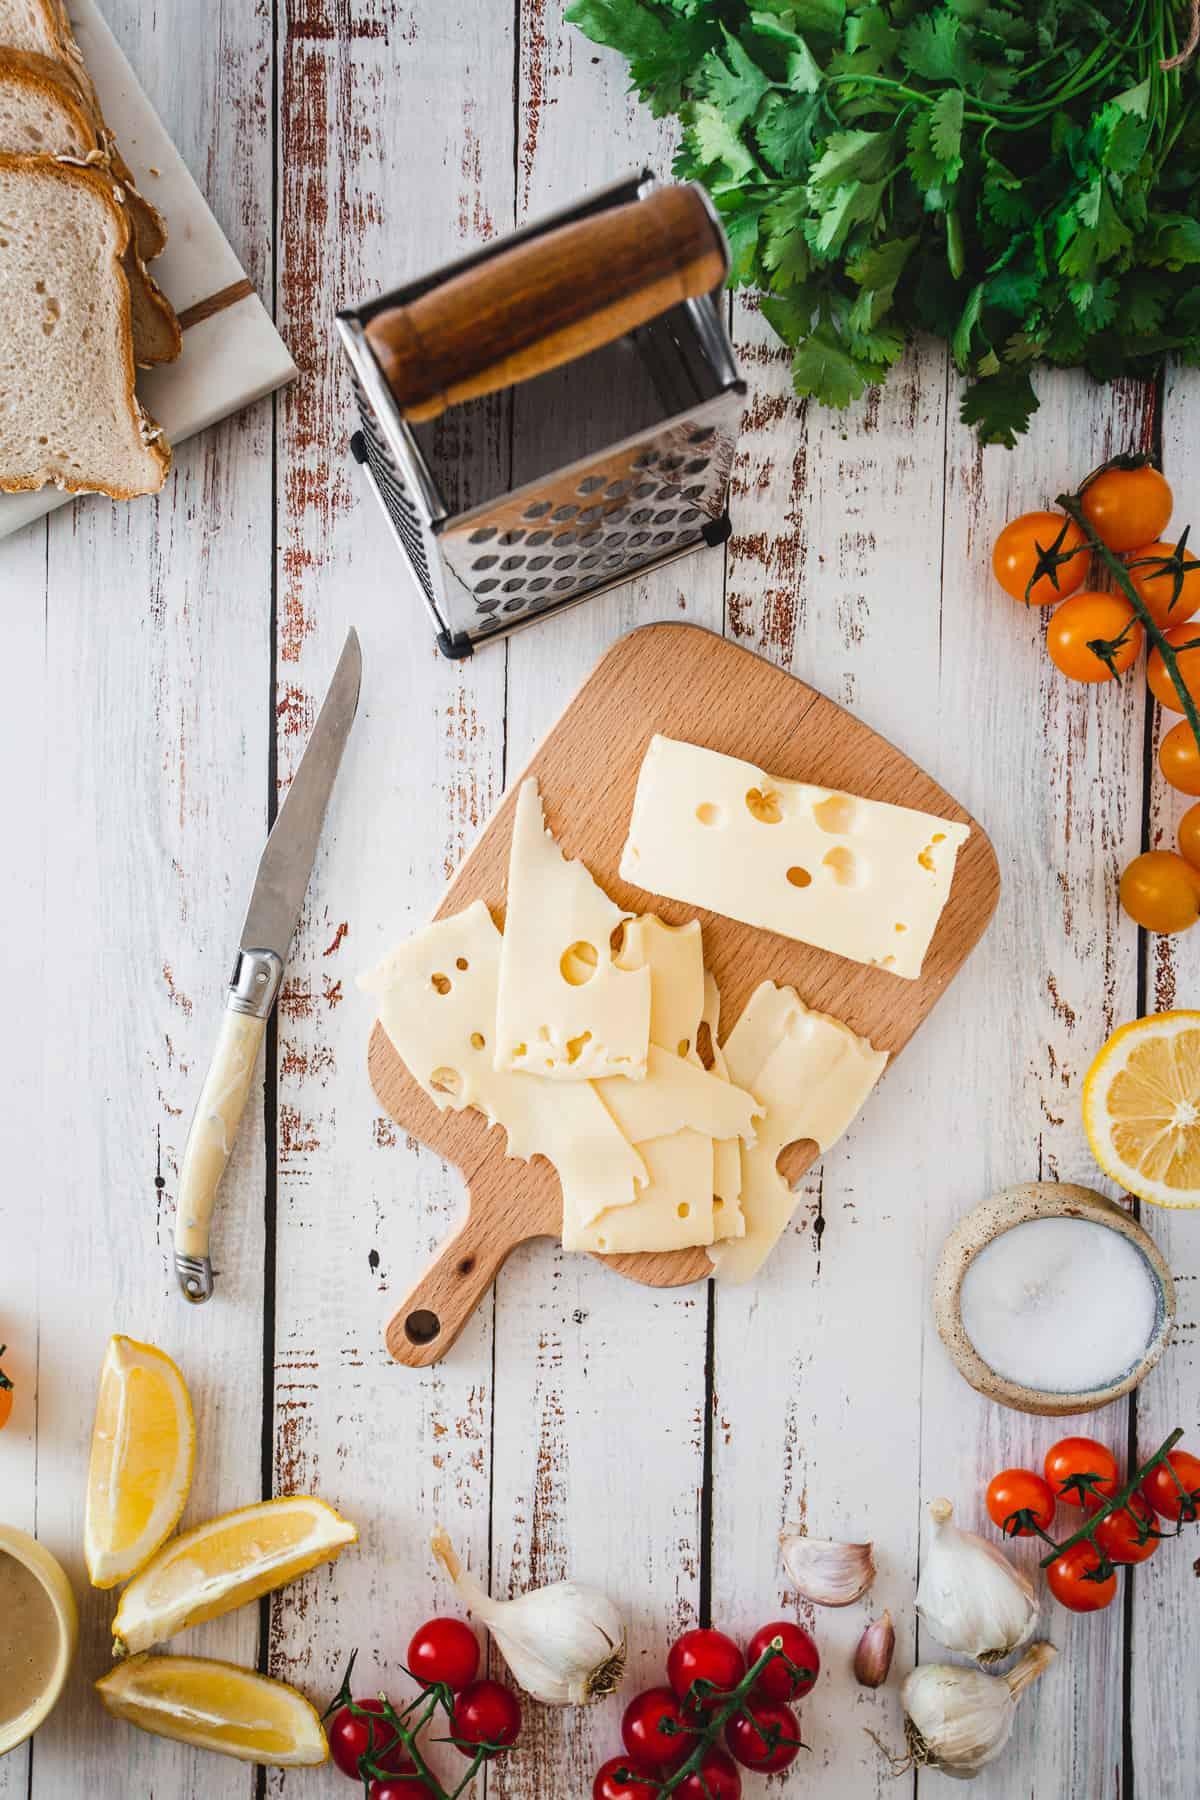 Jarlsberg cheese slices